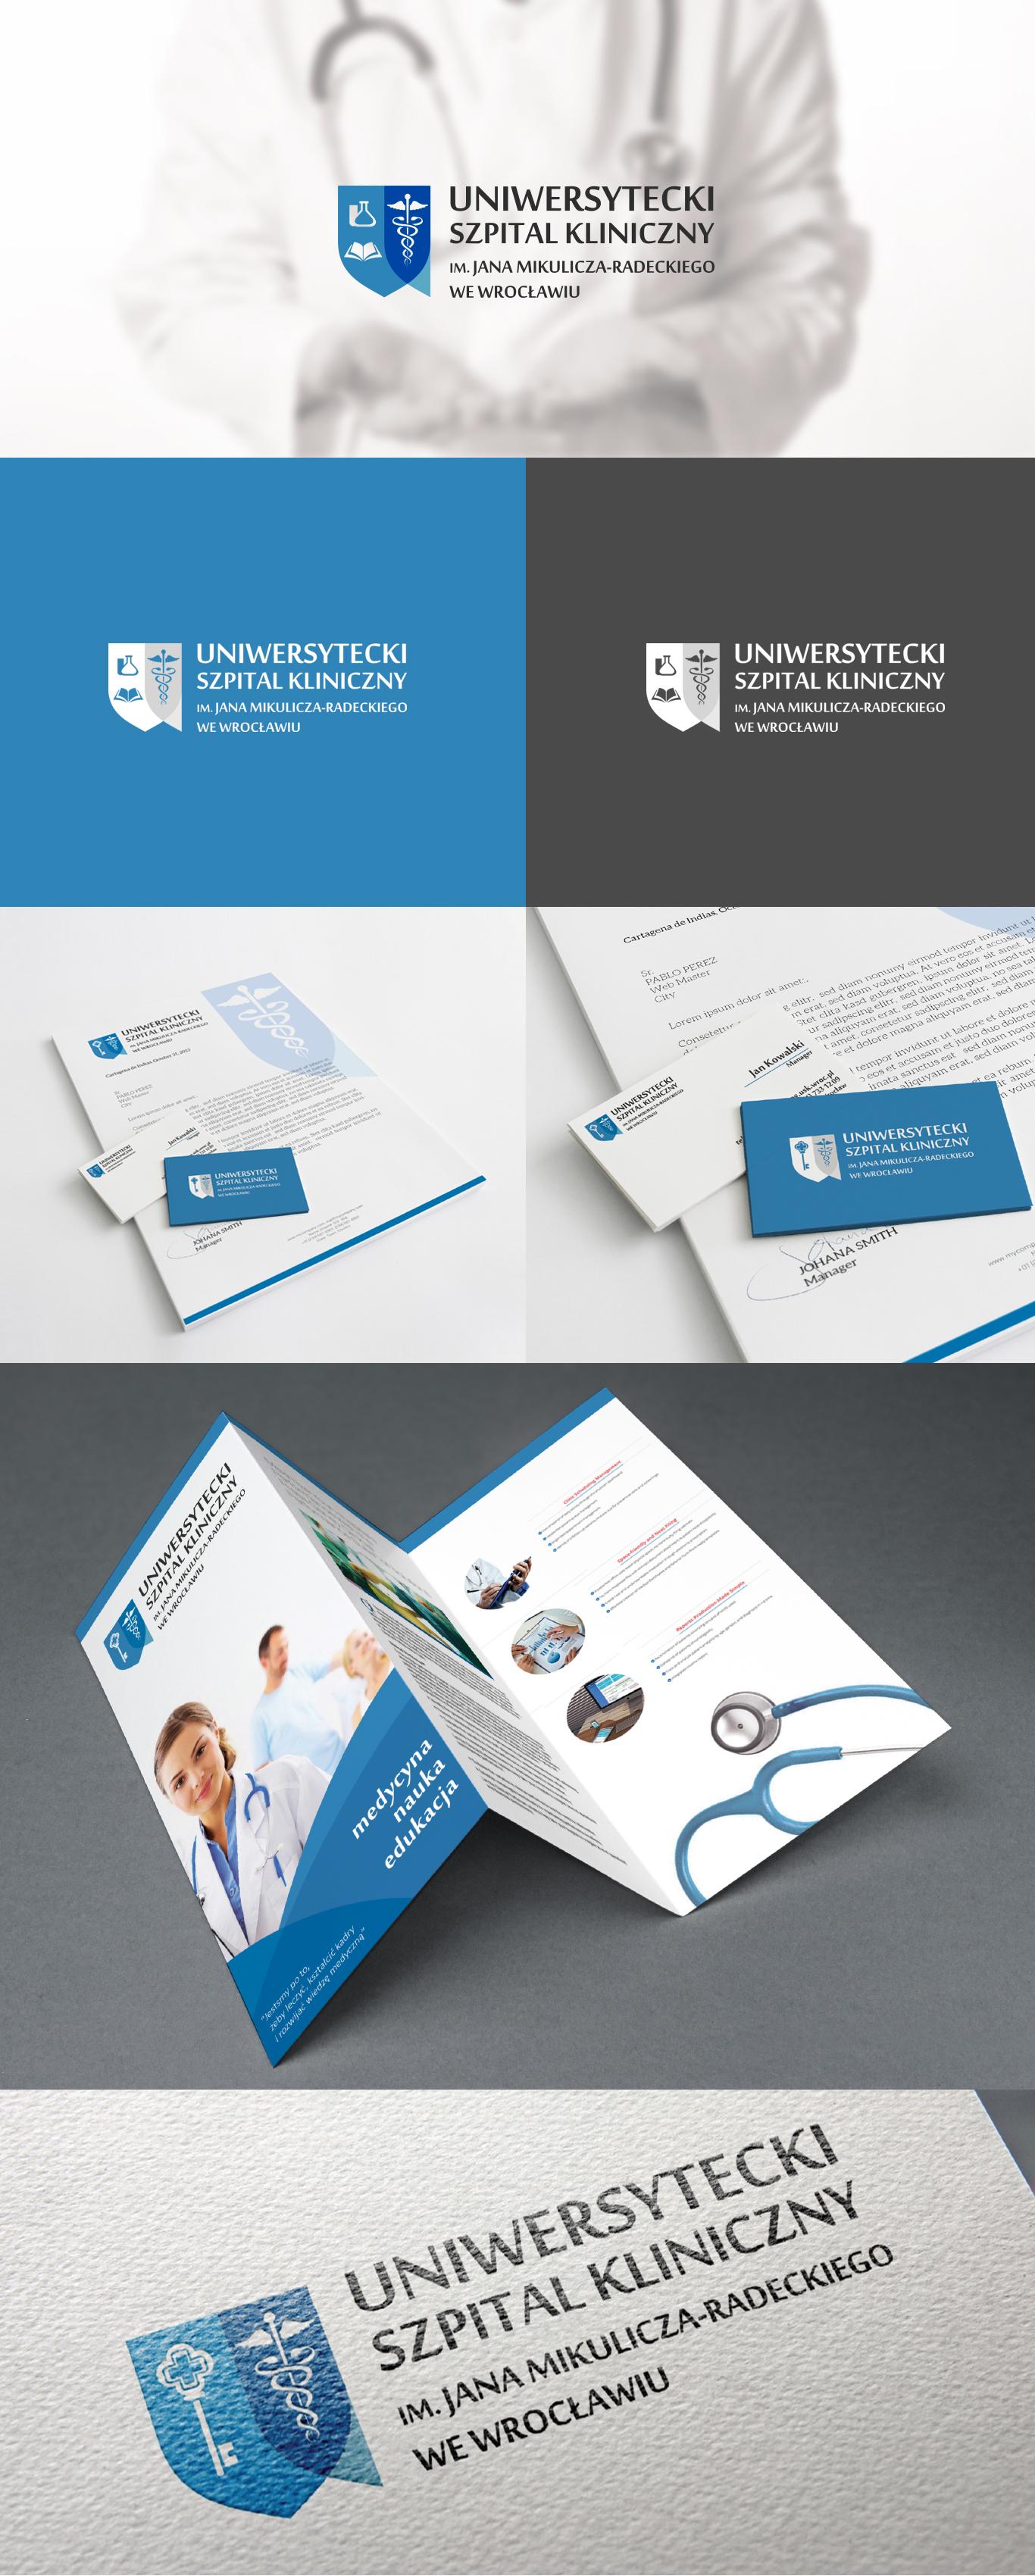 Prezentacja projektu logo, wizytówek i papieru firmowego dla szpitala